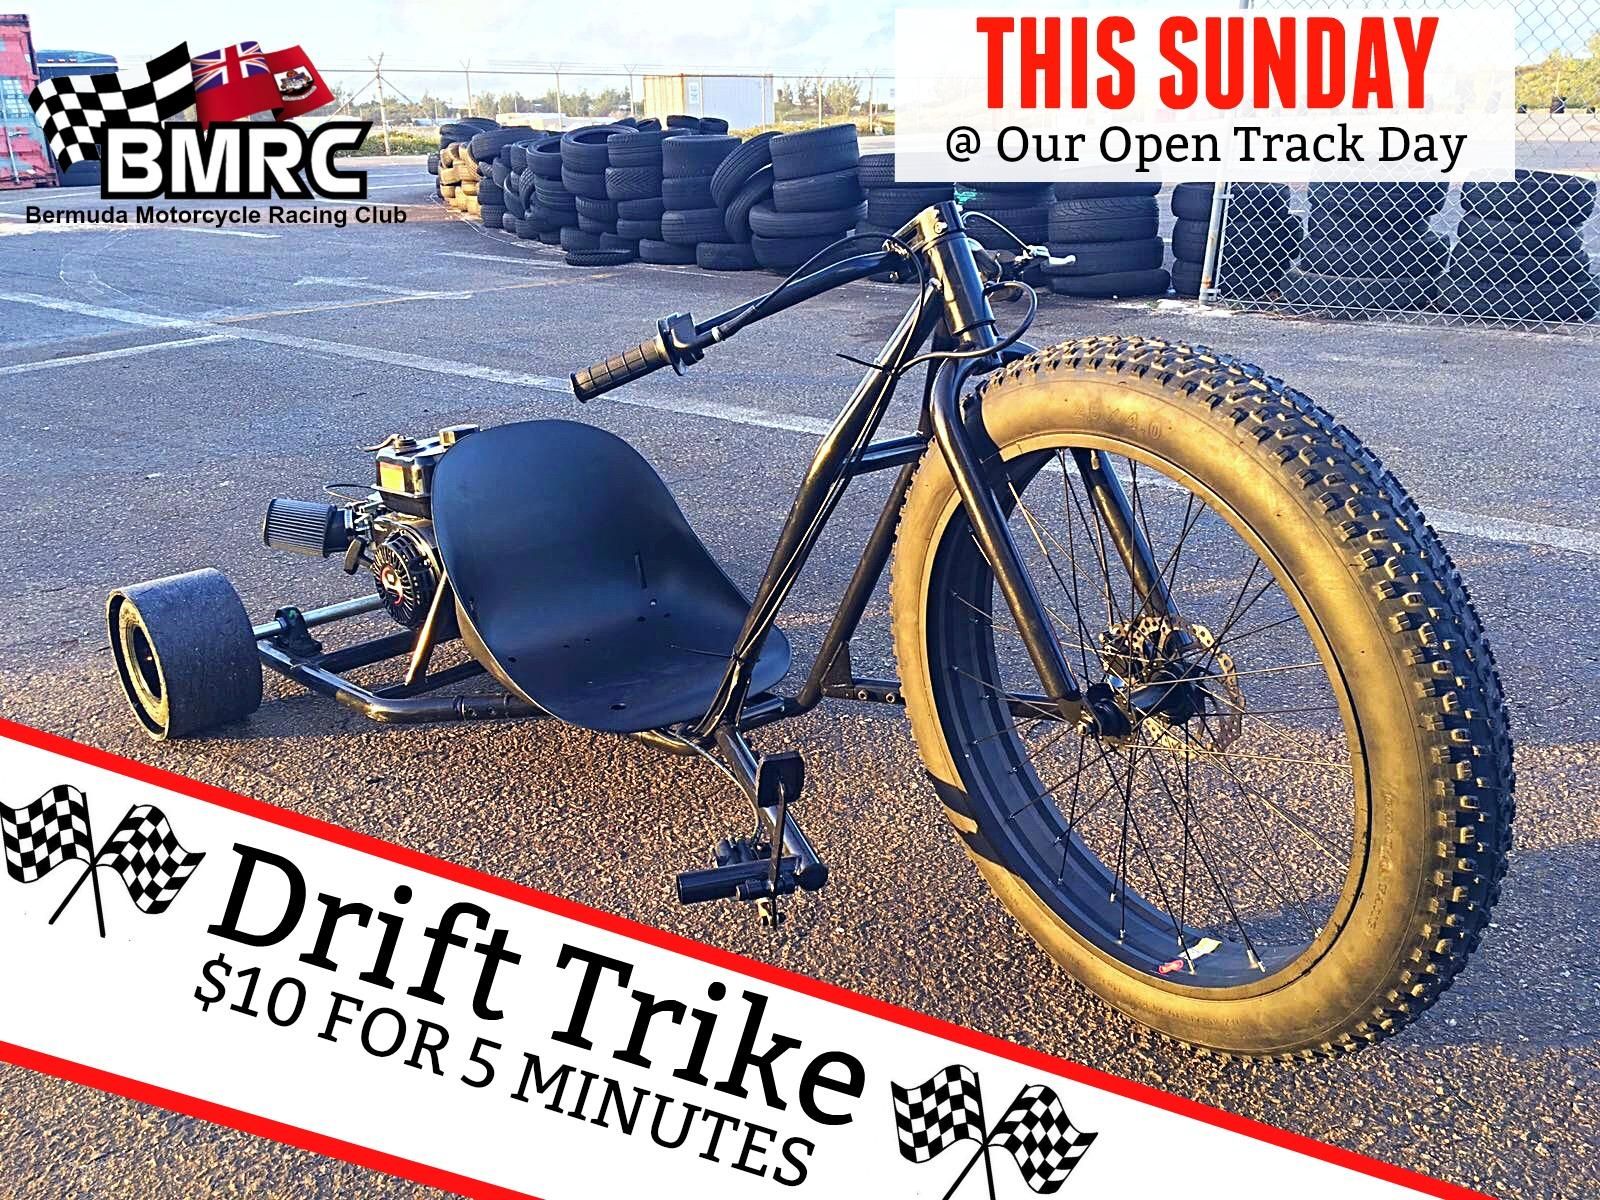 Drift Trike flyer-2.jpg